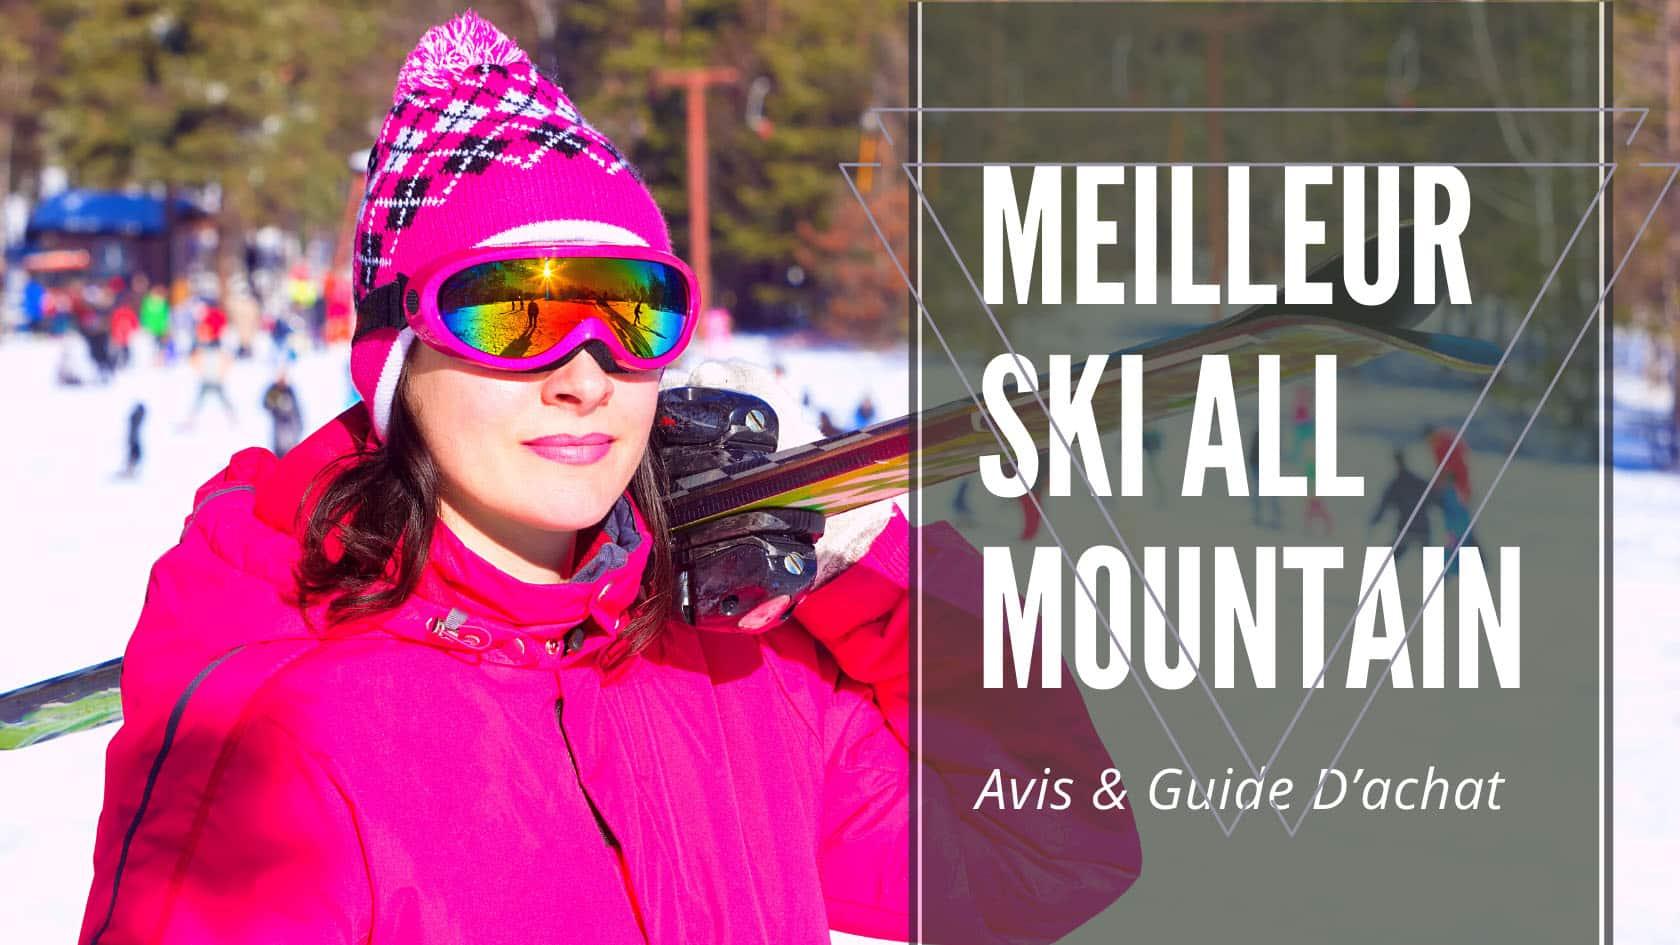 Meilleur ski all mountain